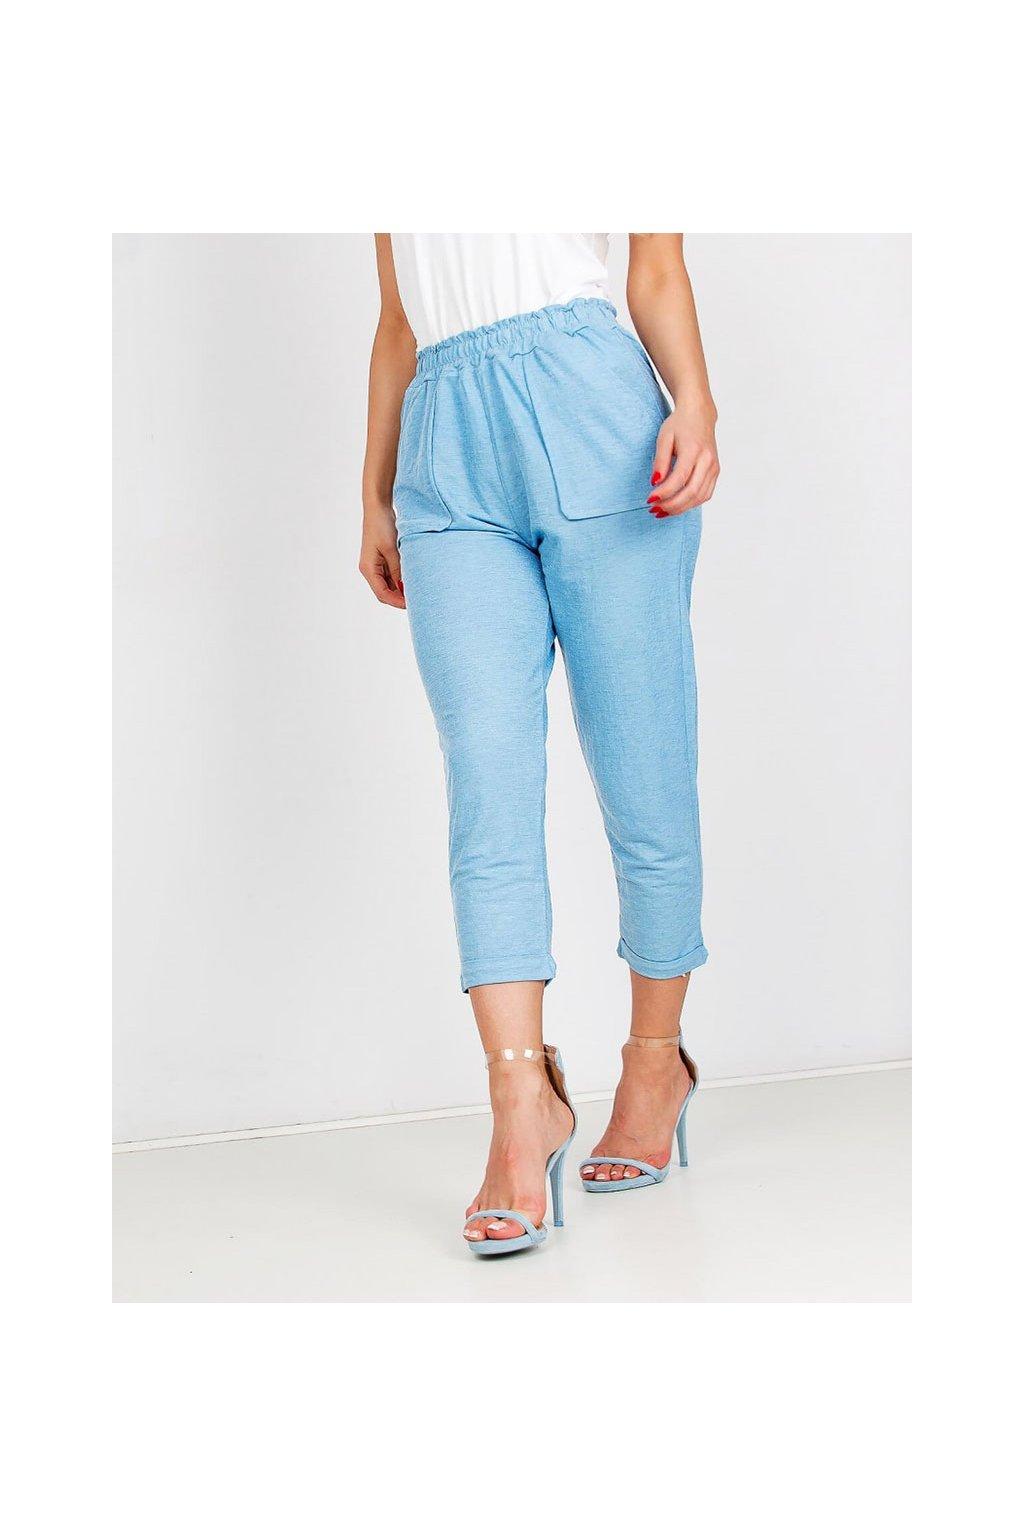 modne spodnie fason 7